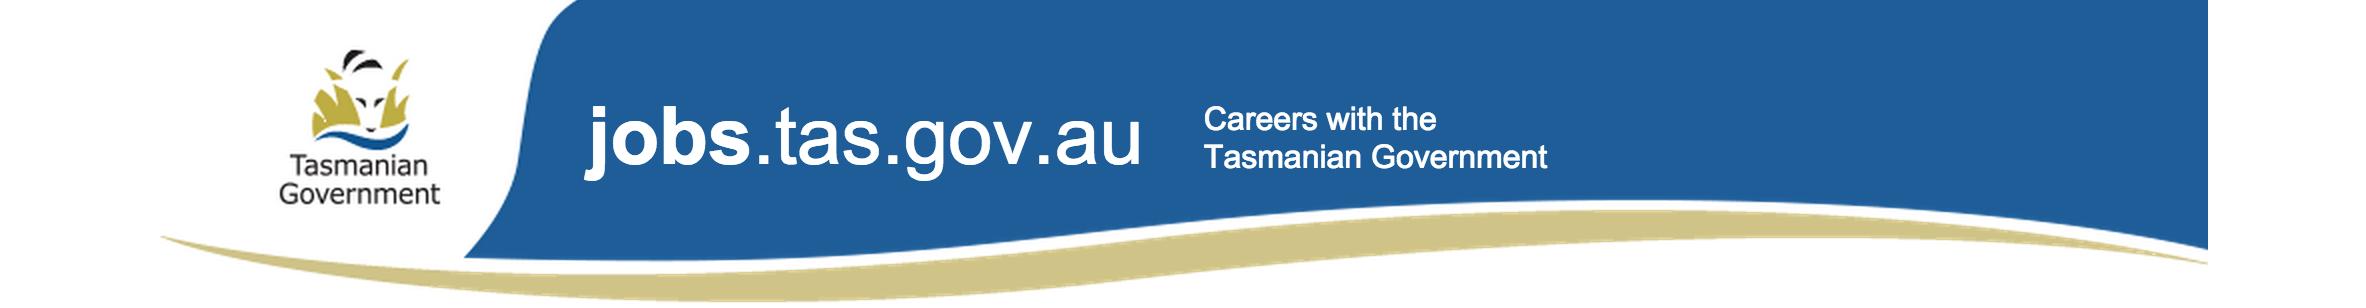 photo of jobs website banner